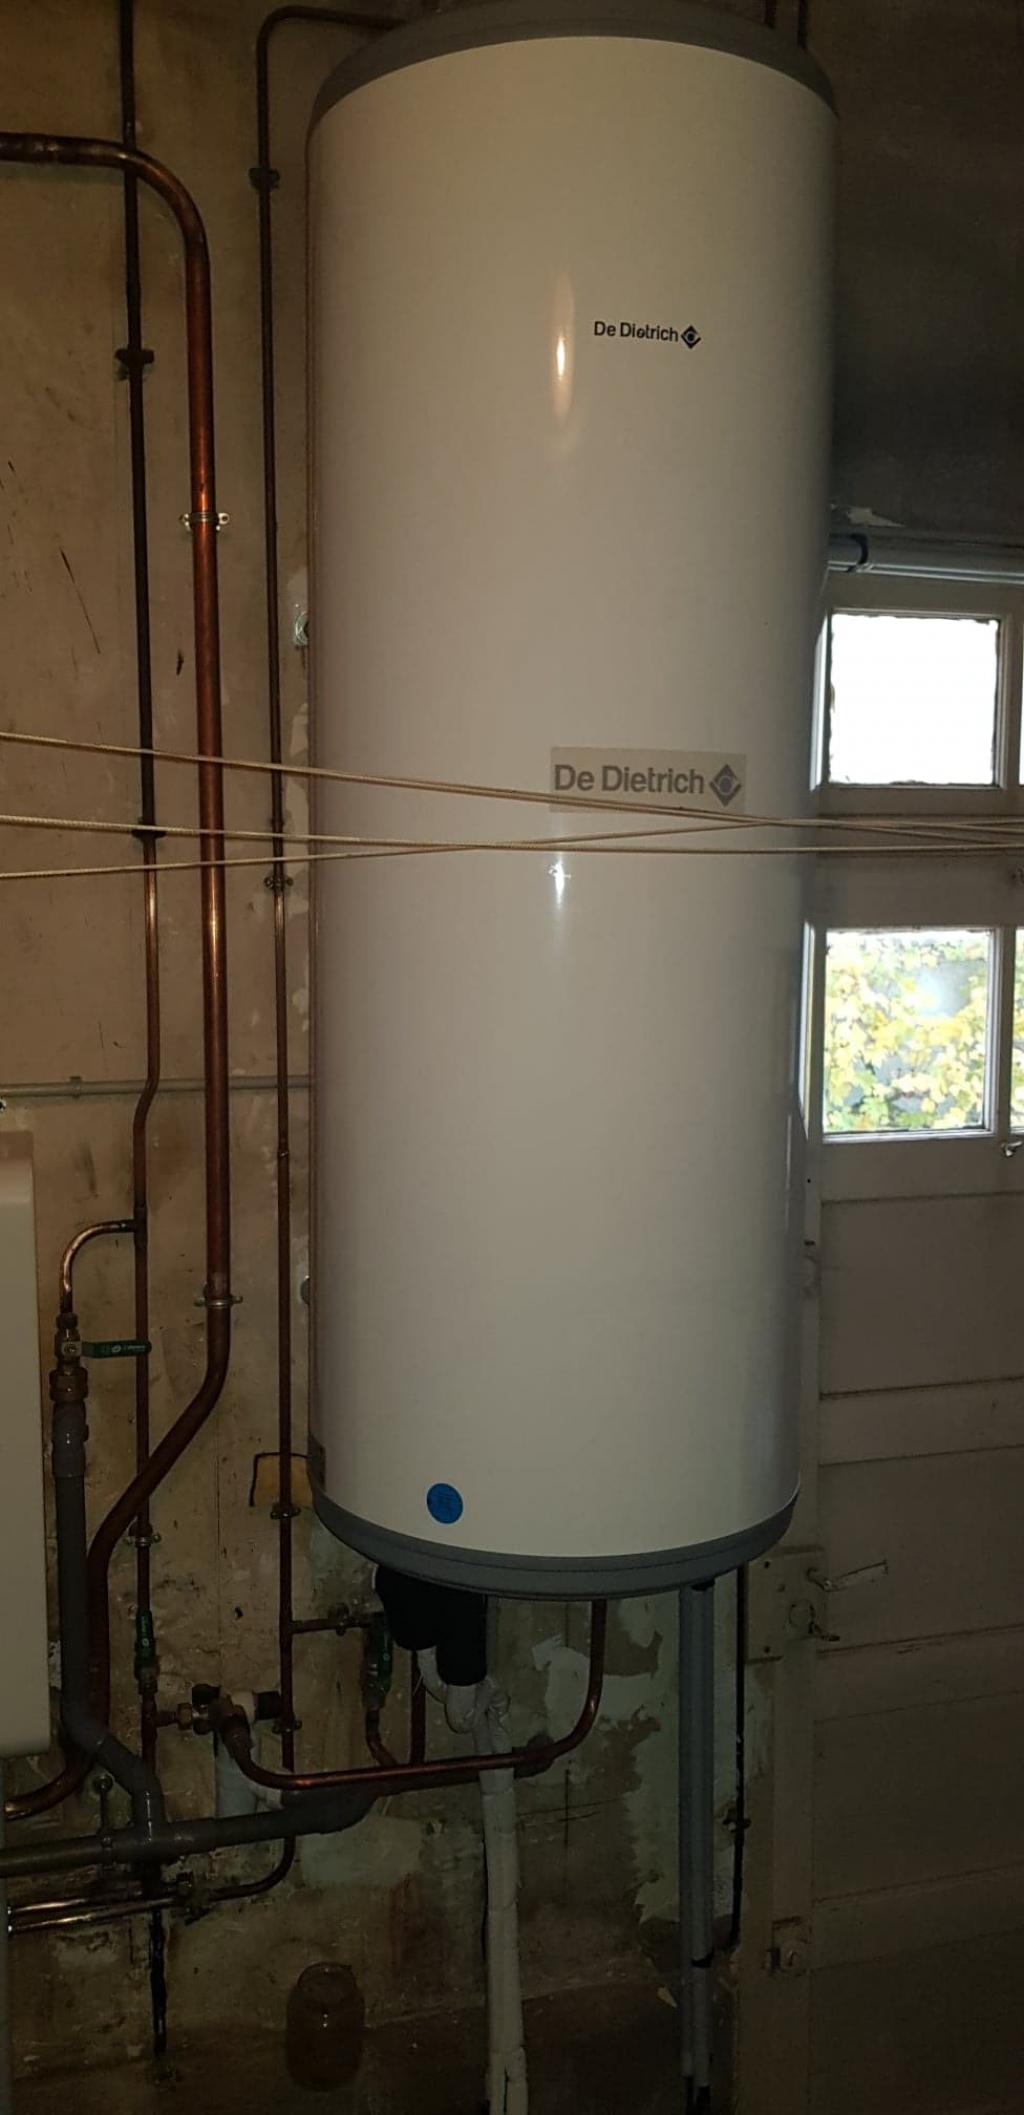 Installateur pompe à chaleur Malesherbes : Changement de la production d'eau chaude fioul par un ballon thermodynamique